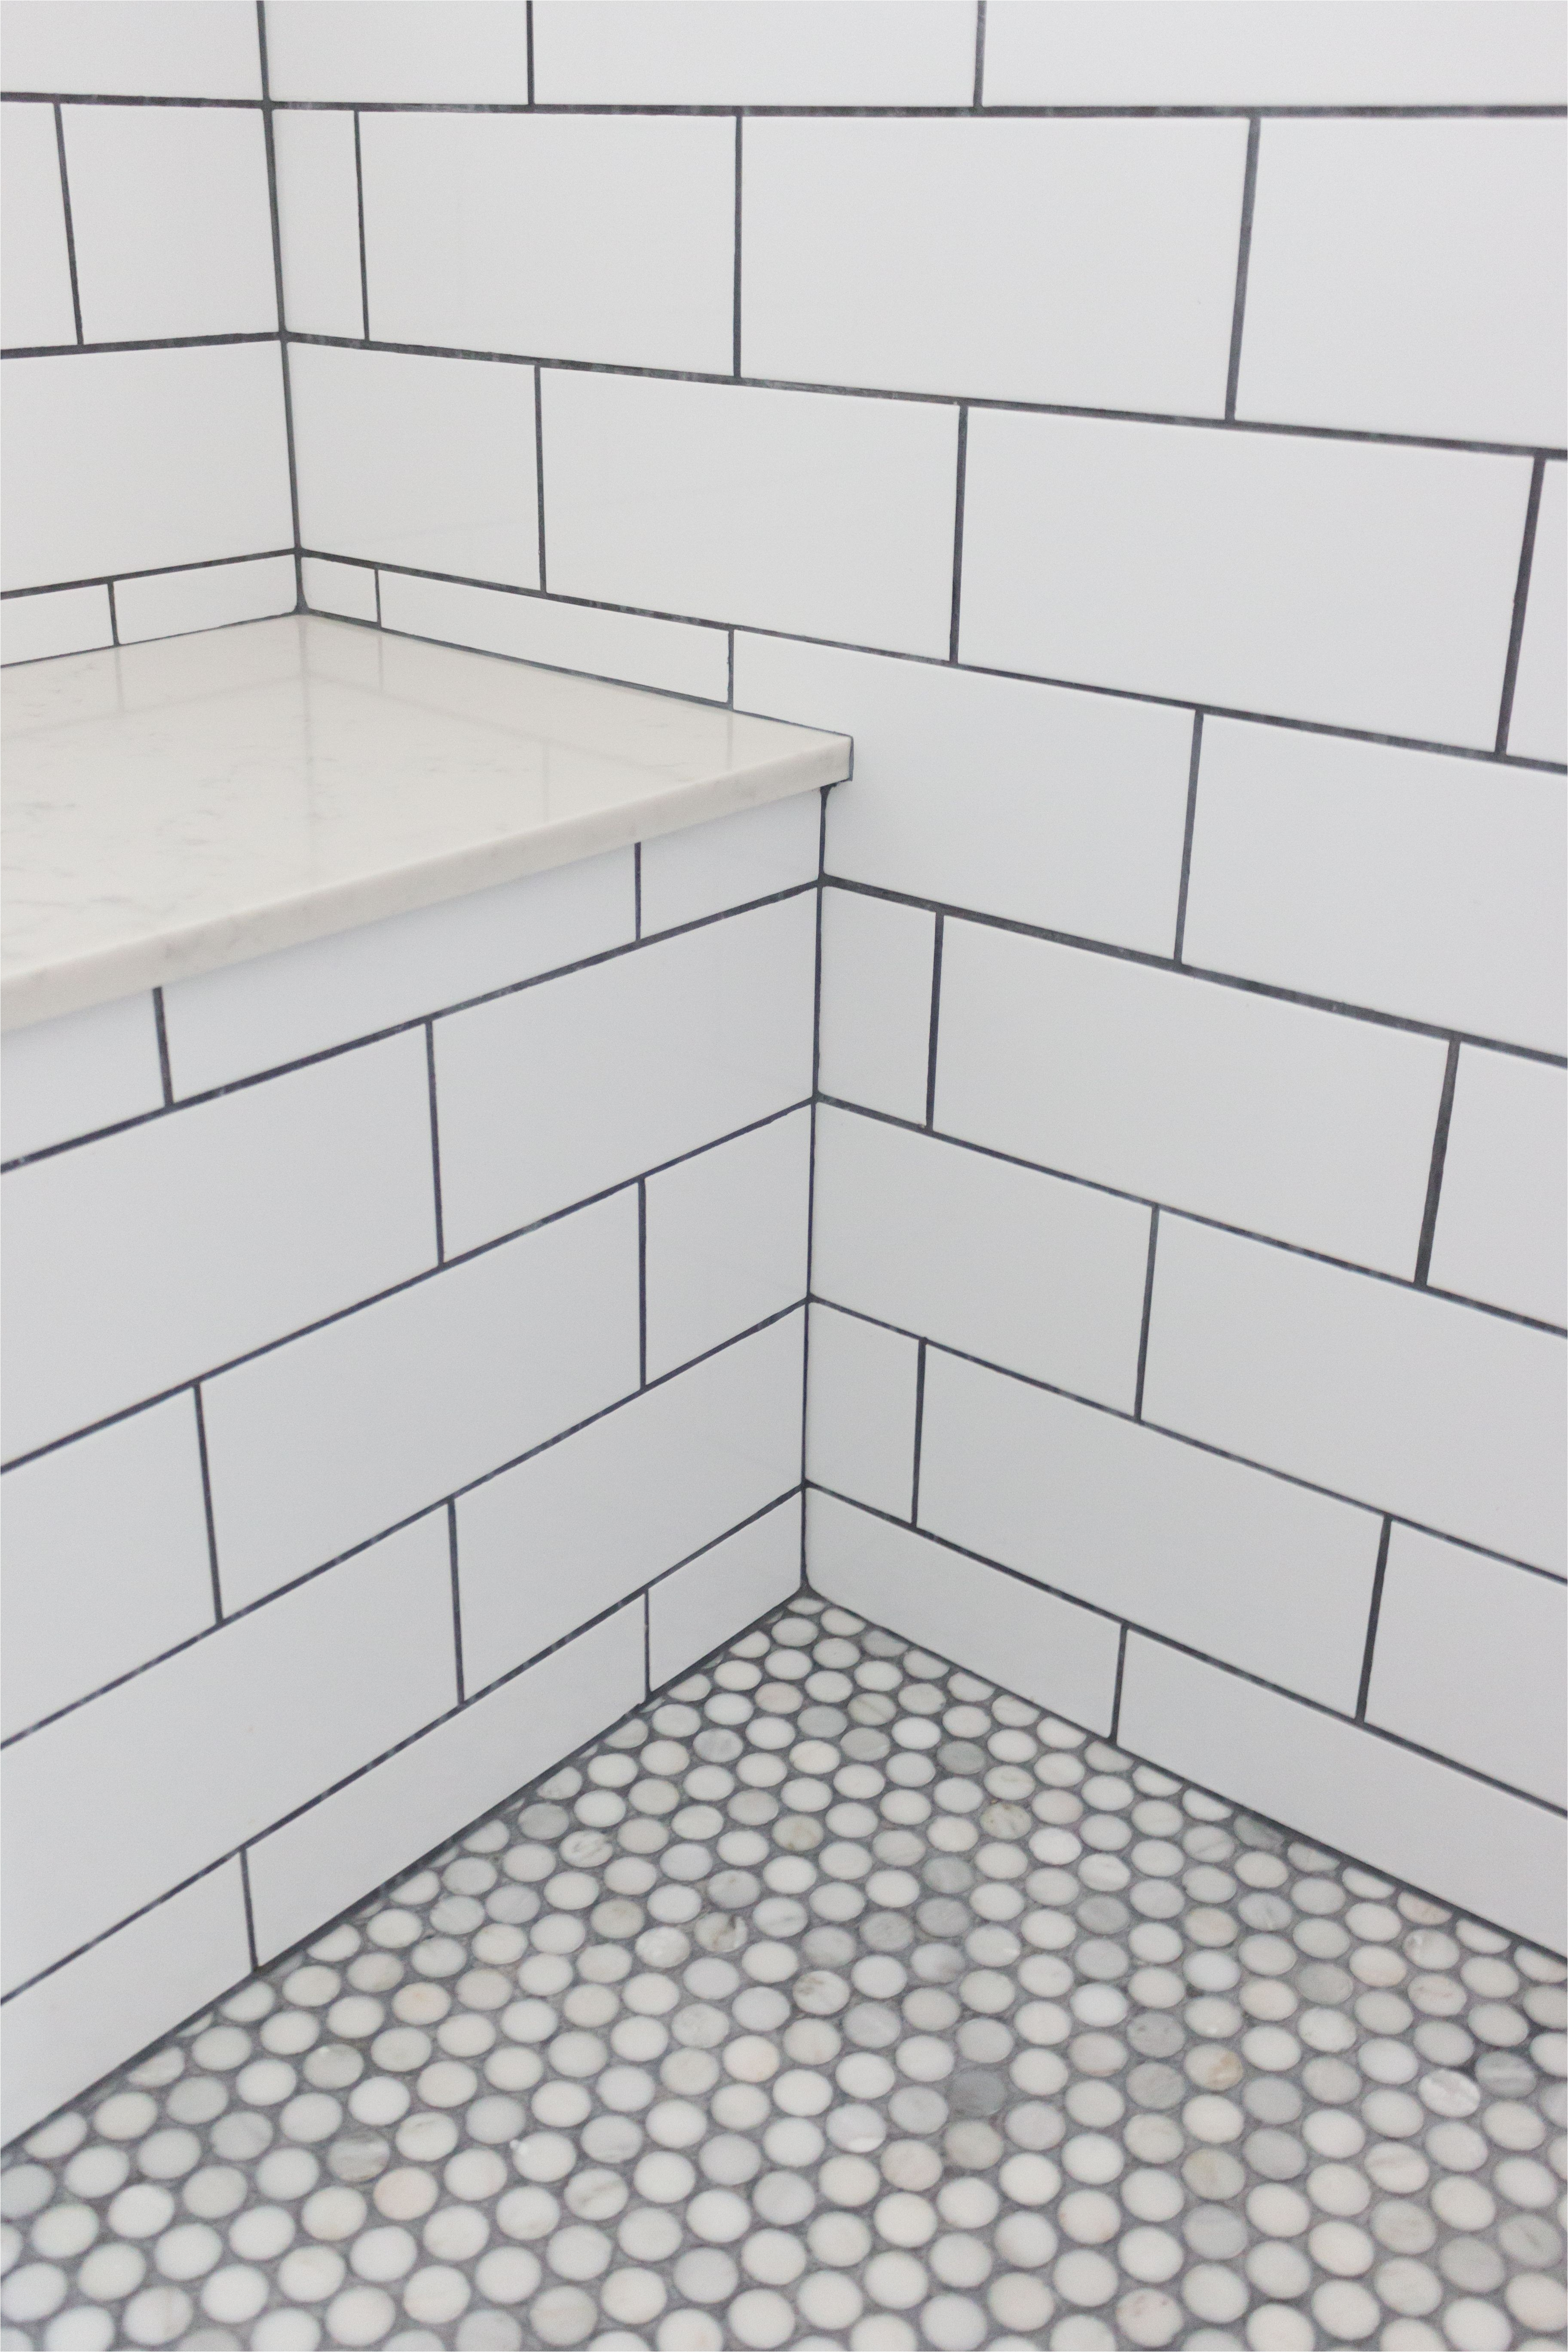 Best Grout for Pebble Shower Floor | BradsHomeFurnishings